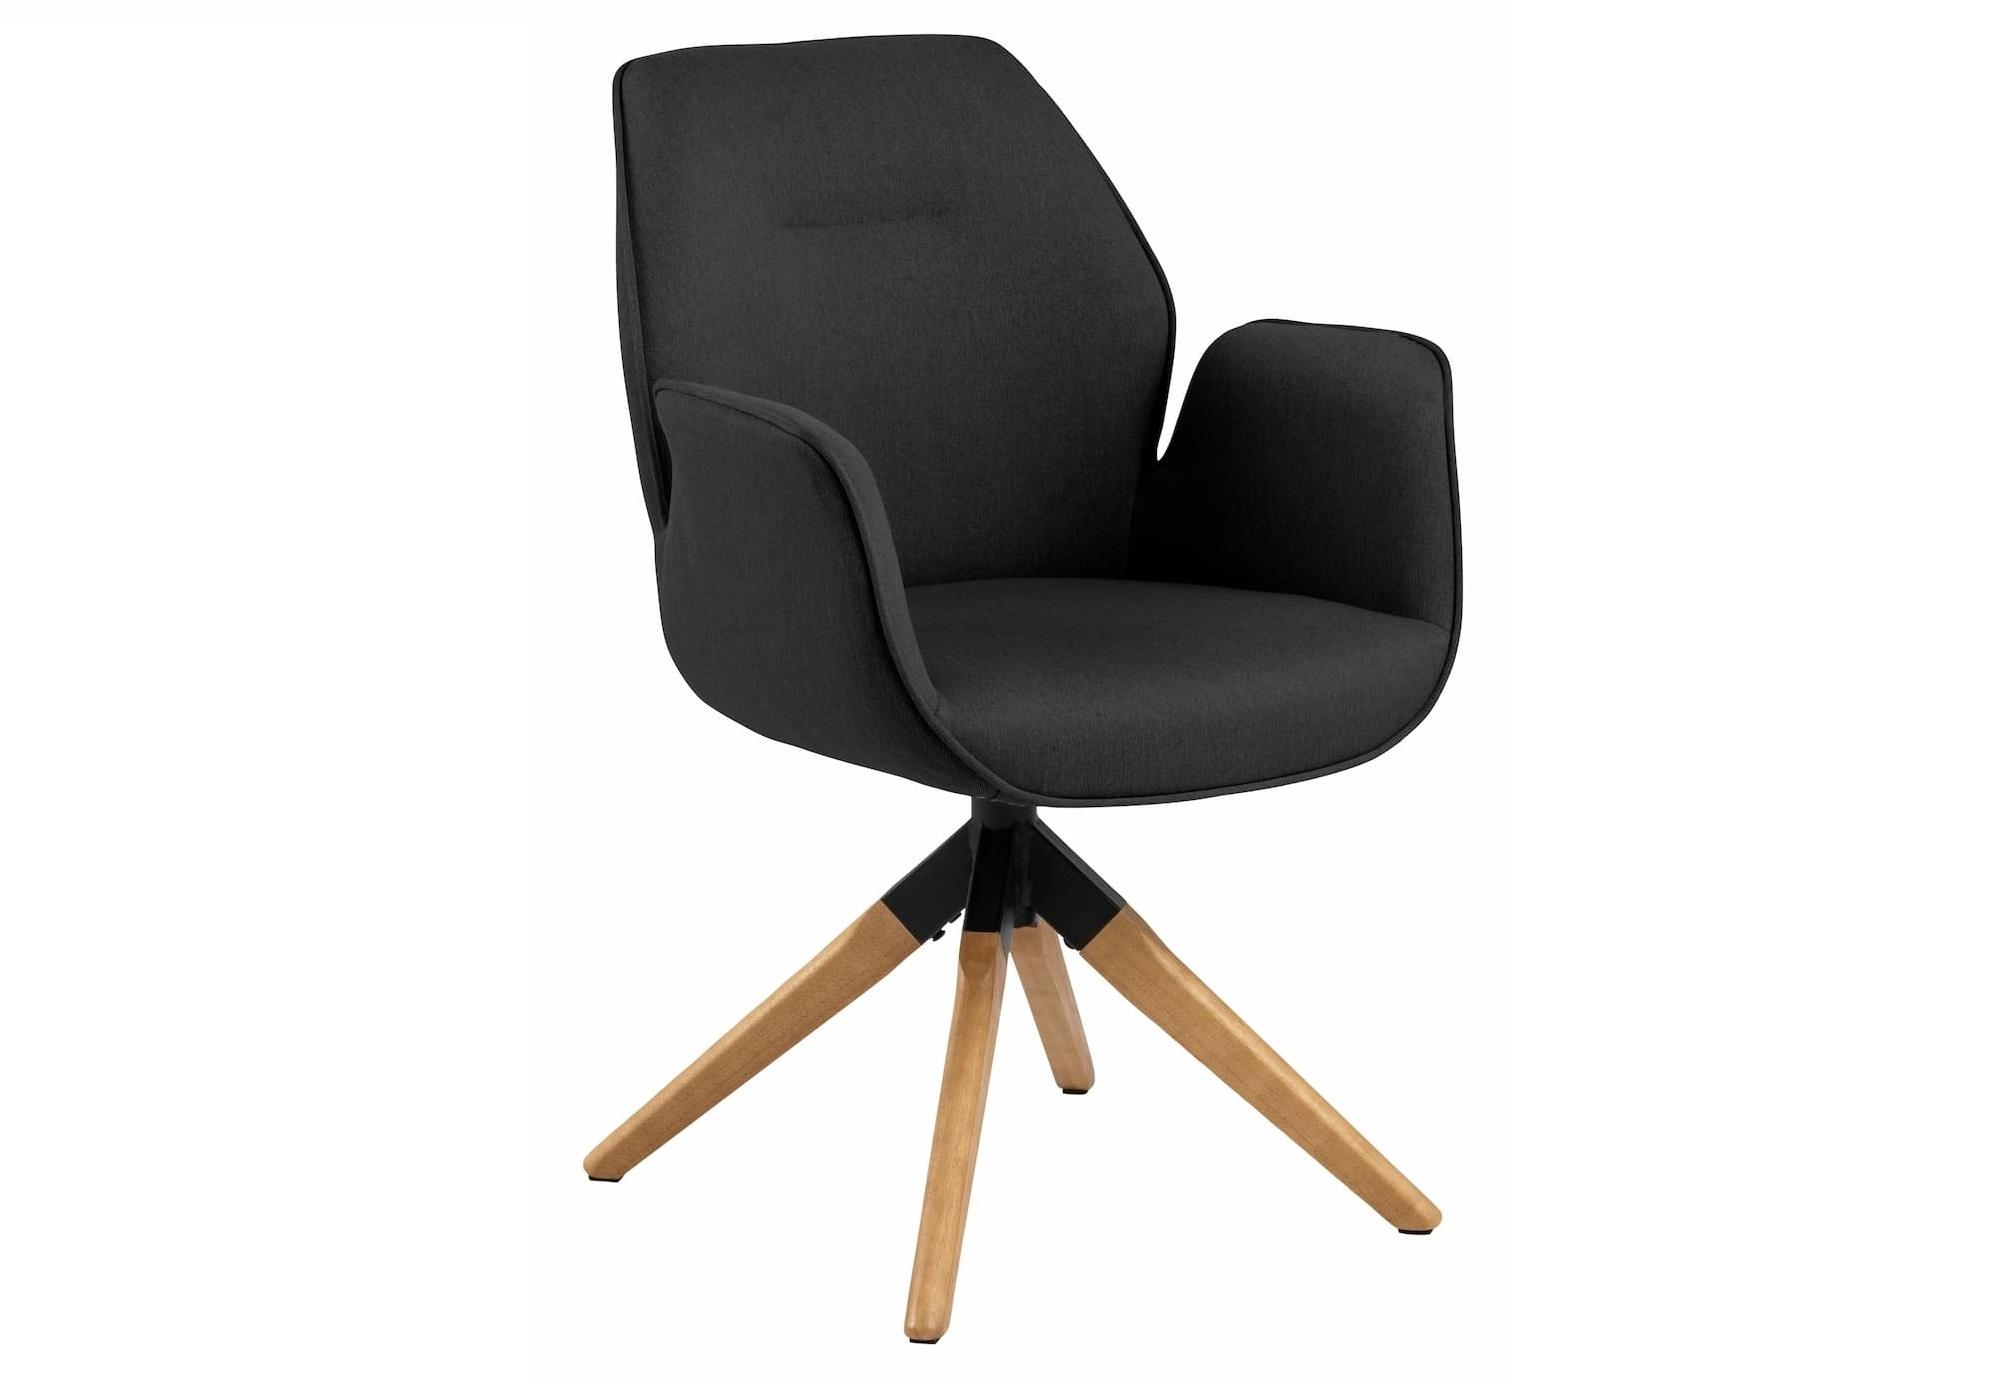 Scaun tapitat cu stofa si picioare din lemn Aura Gri inchis / Stejar, l60,5xA58,5xH91 cm